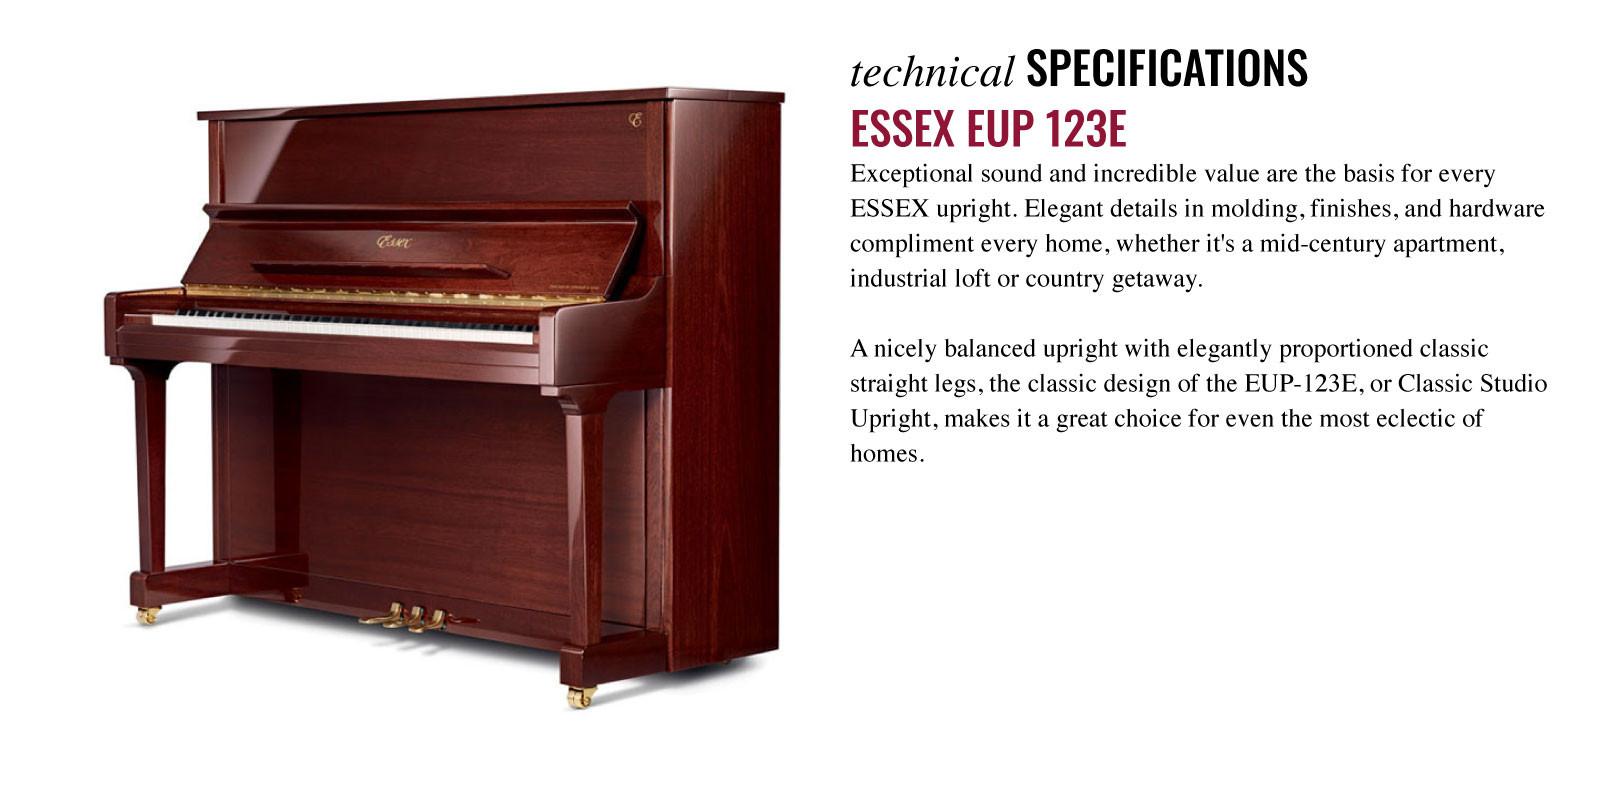 PP-Essex-EUP-123E-Details-1.jpg